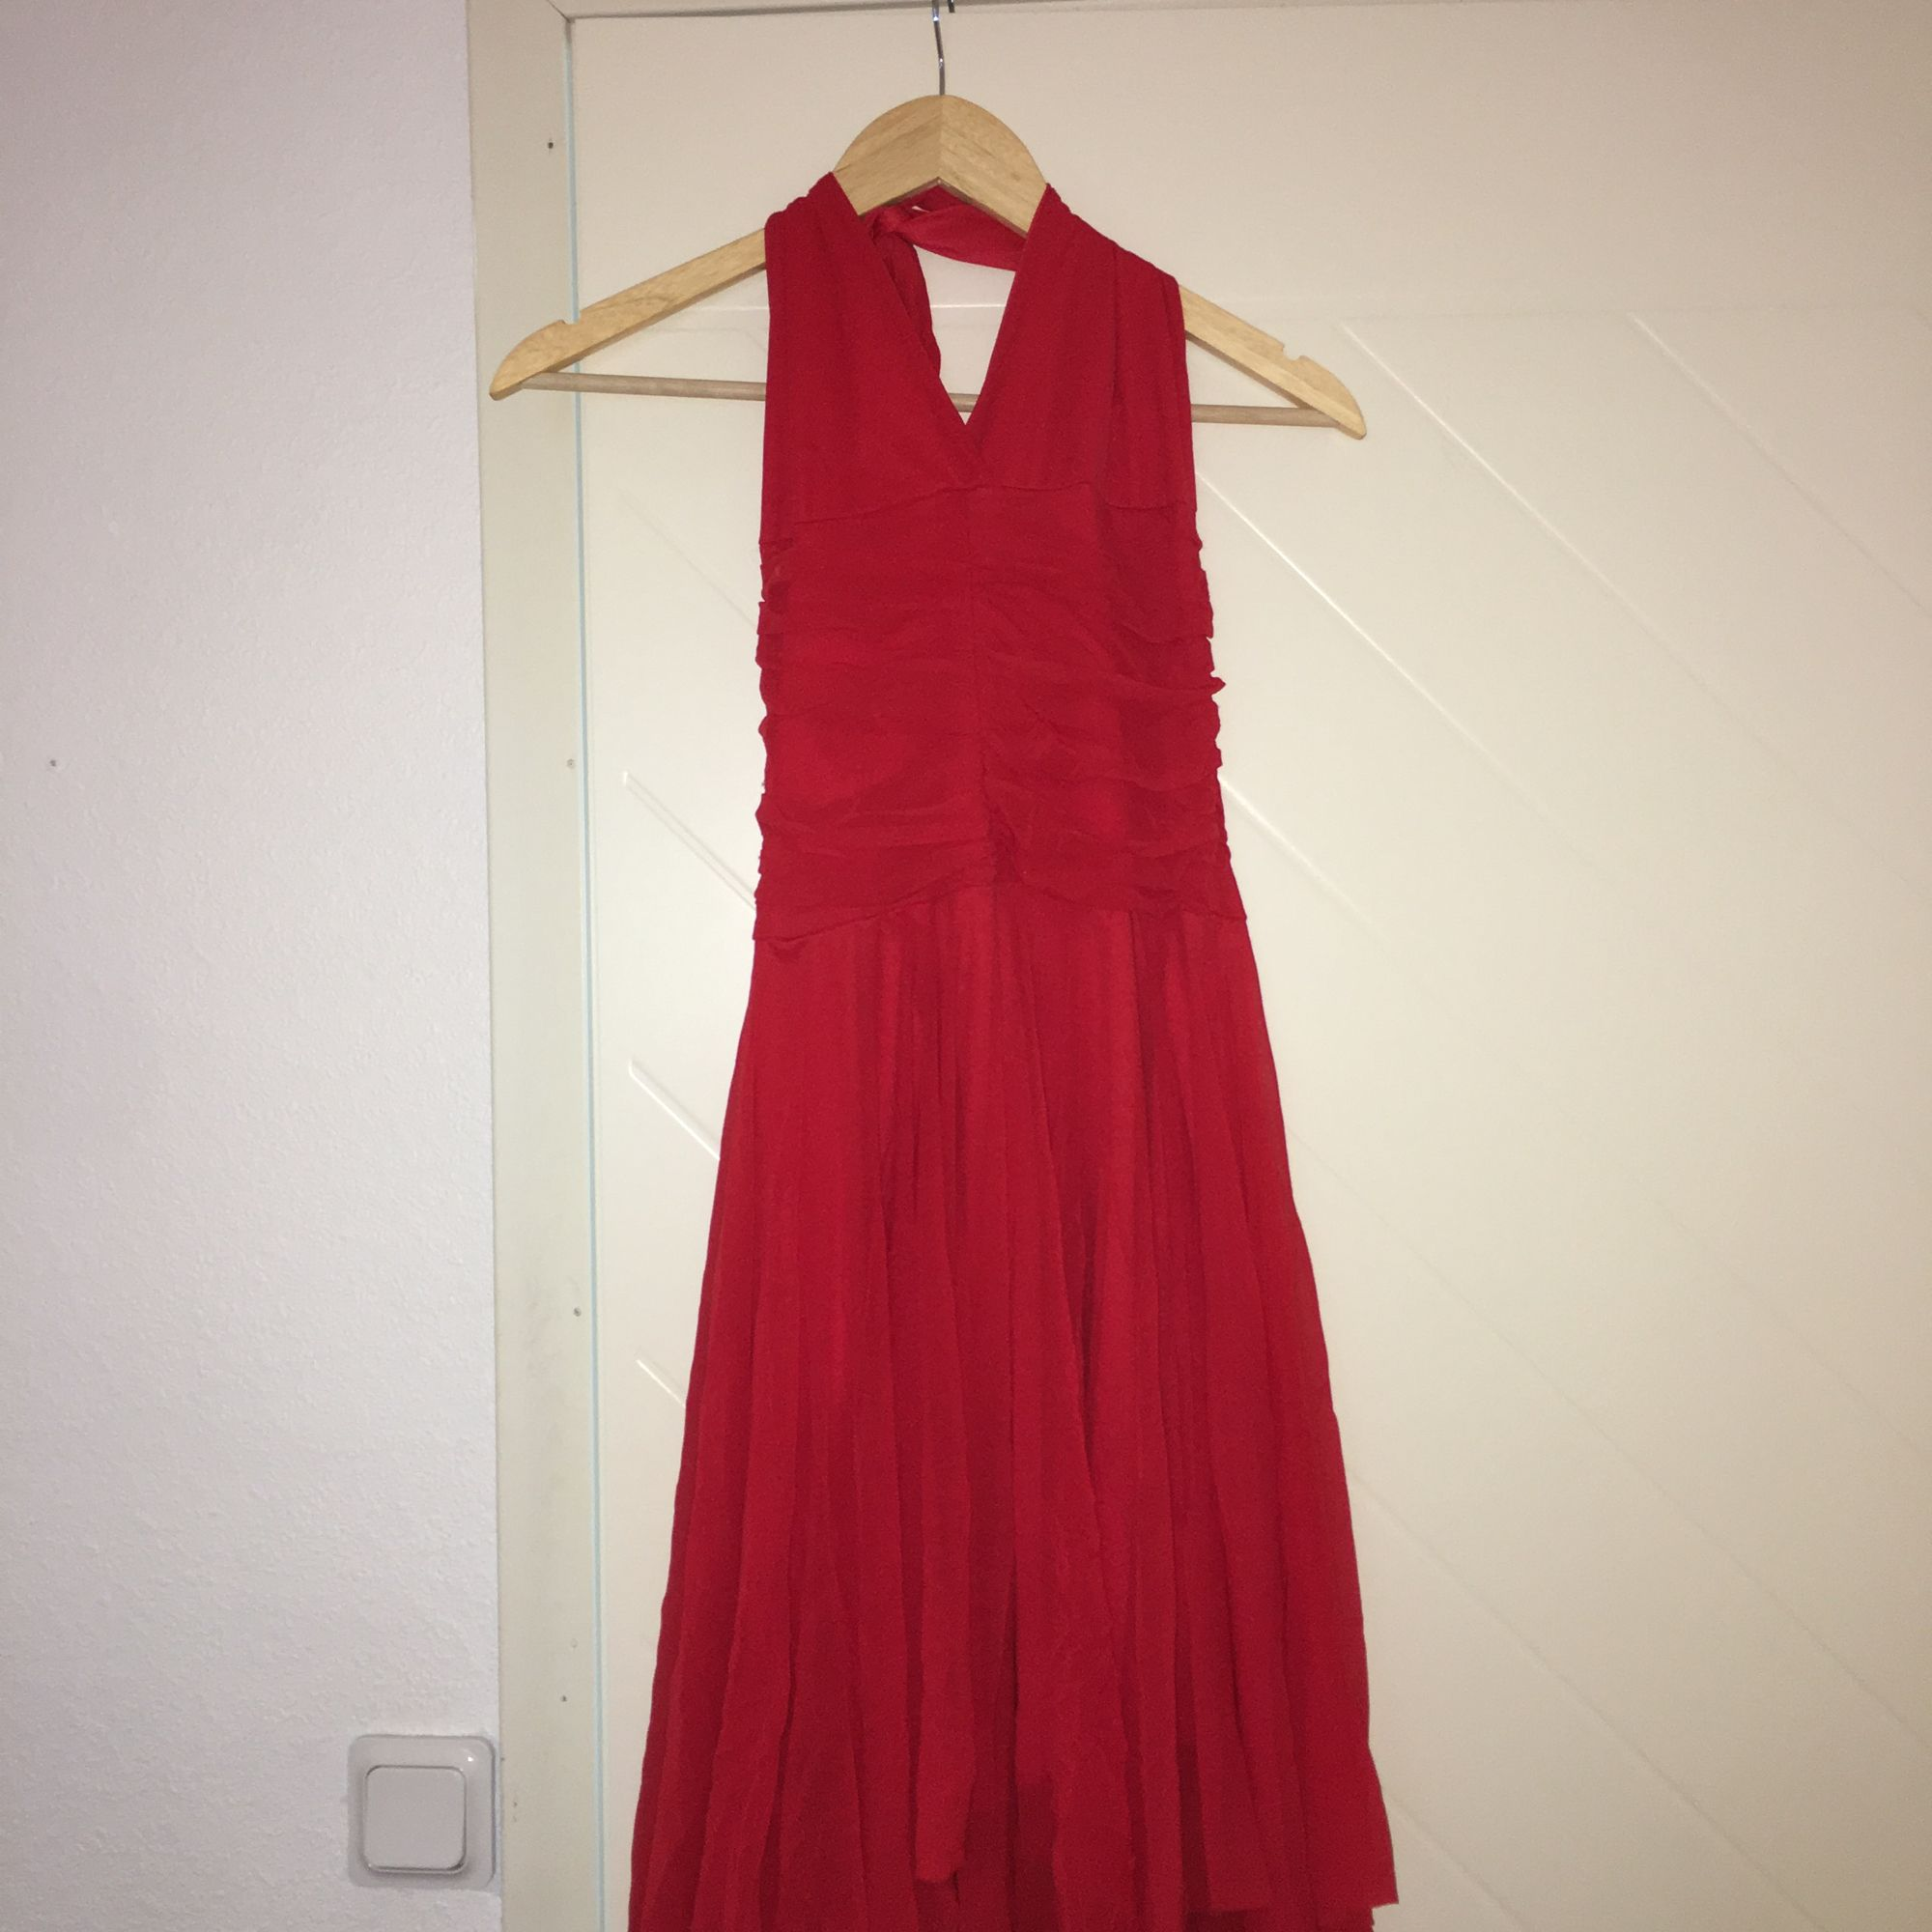 Röd chiffong klänning. Använd två gånger och är fortfarande i gott skick.  Storlek S  . Klänningar.